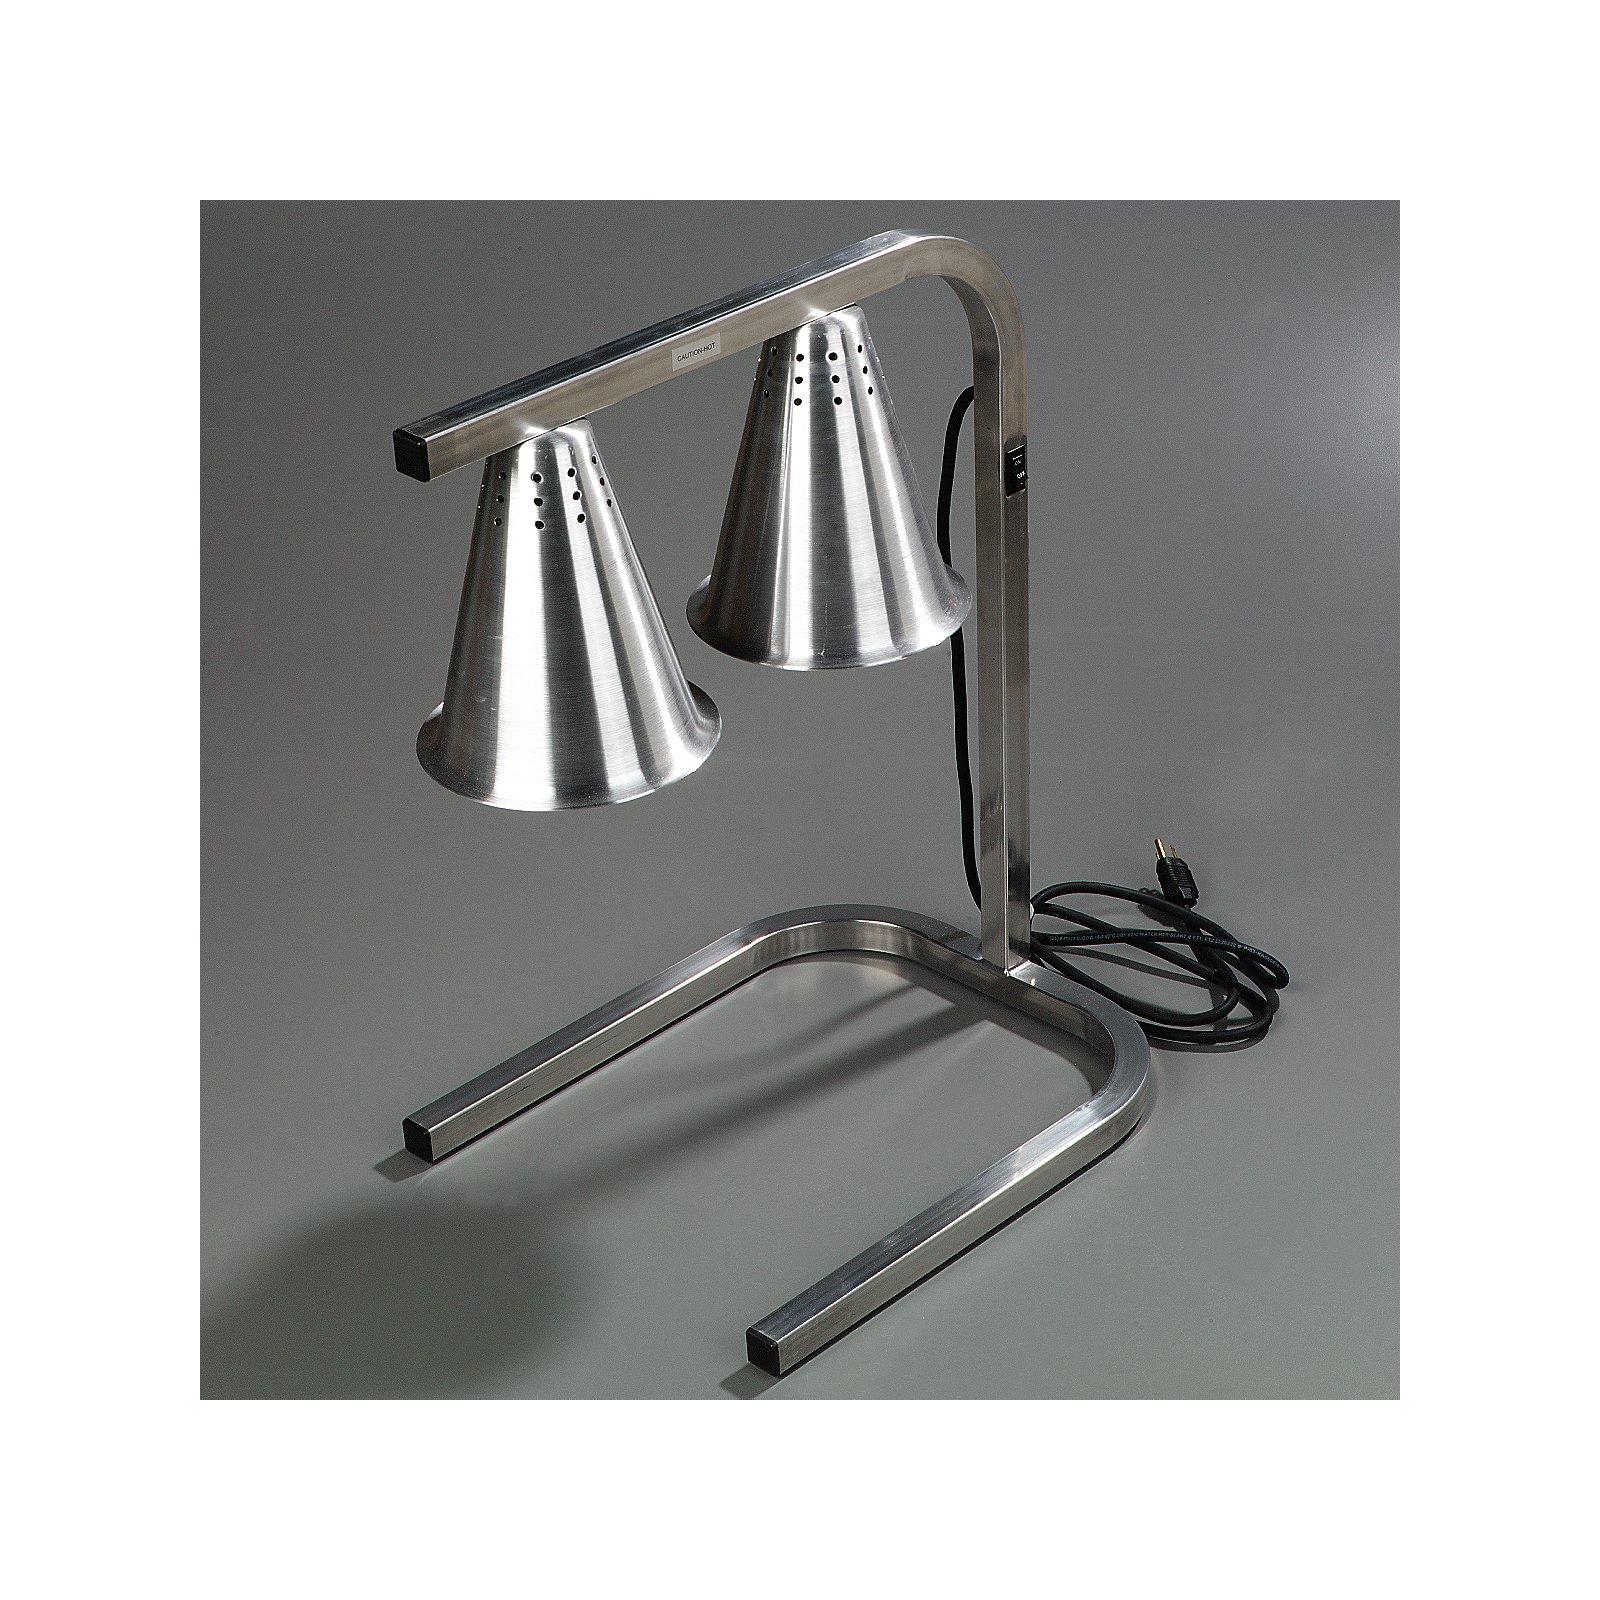 hl723700 two bulb free standing adjustable heat lamp. Black Bedroom Furniture Sets. Home Design Ideas